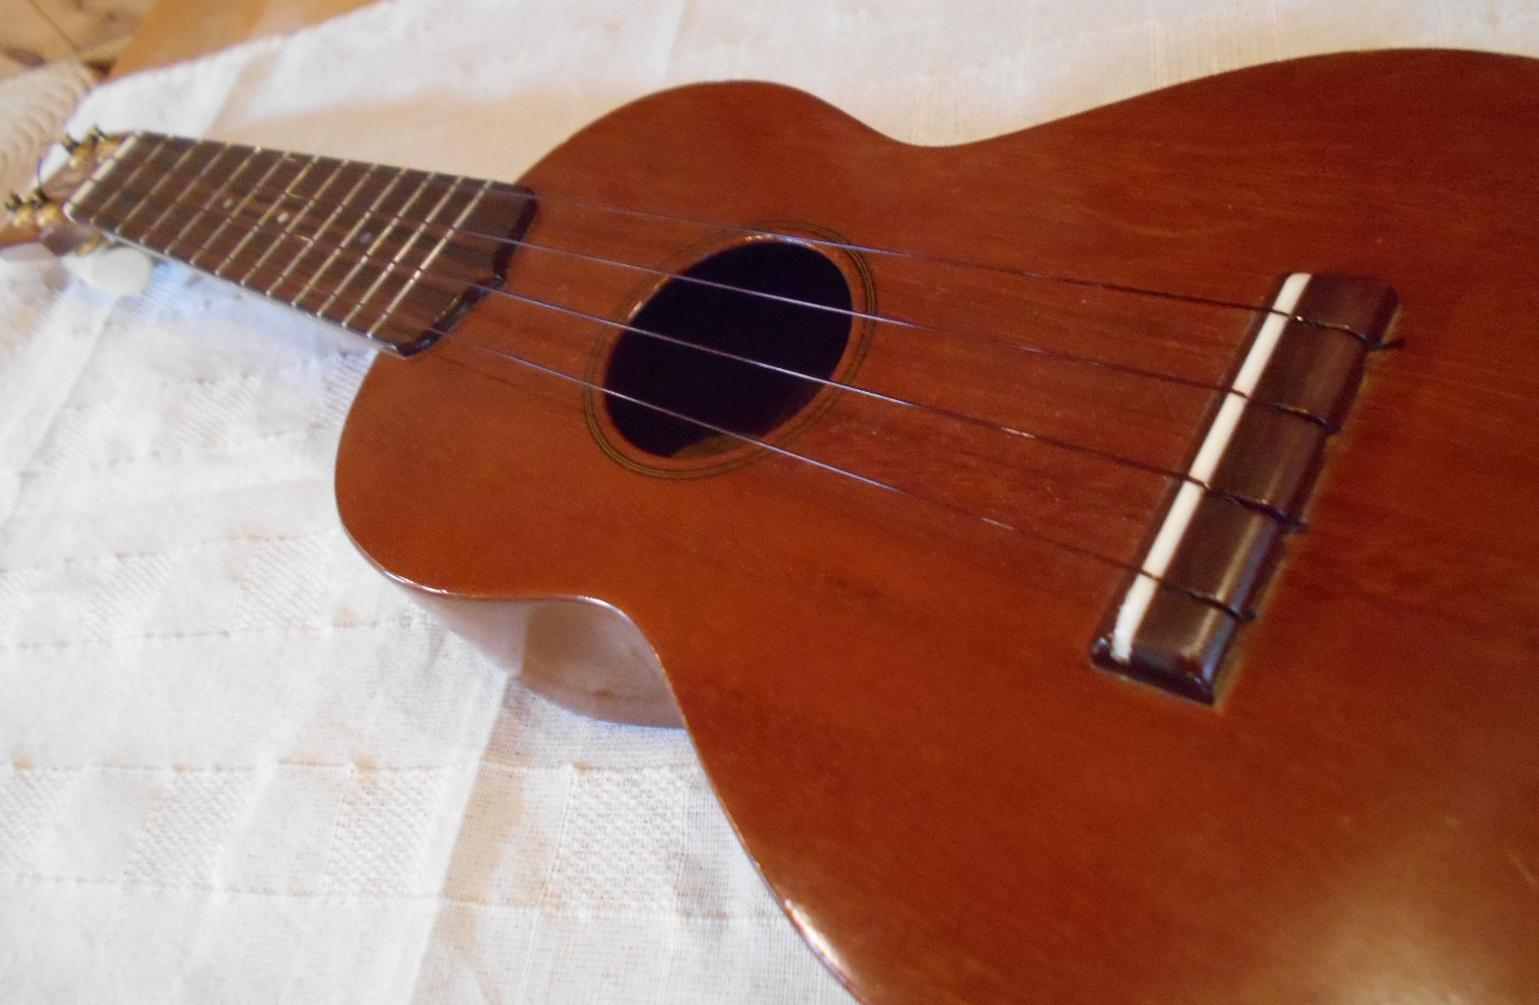 Banshowboh_ukulele